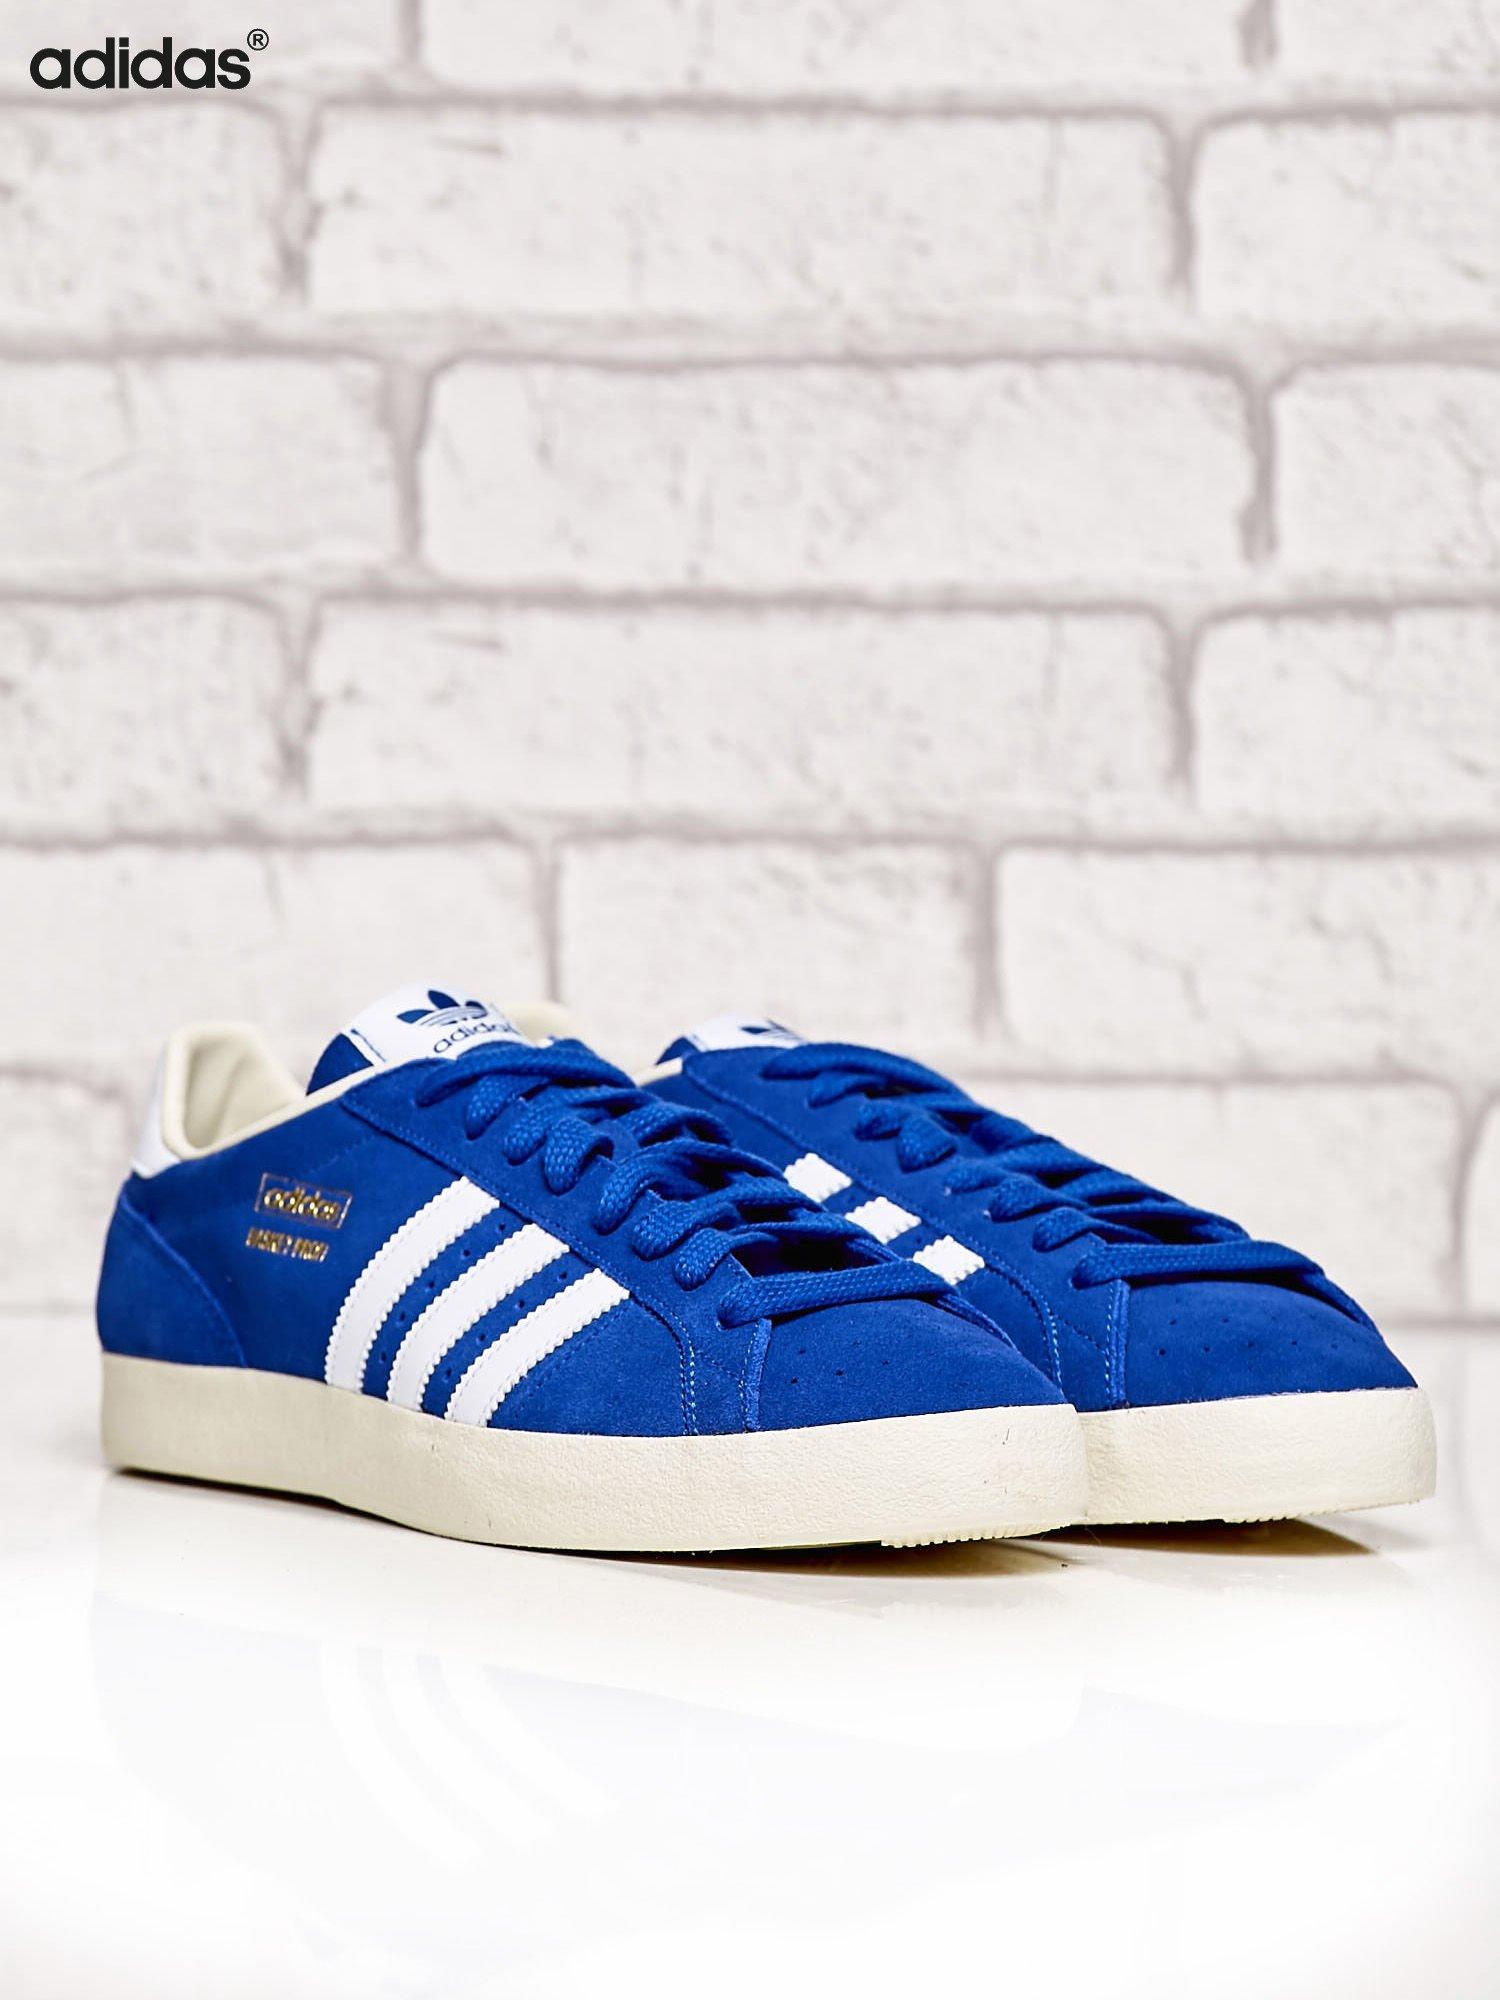 c98c0242 1 · ADIDAS niebieskie buty męskie Basket Profi Low sportowe przed kostkę ...